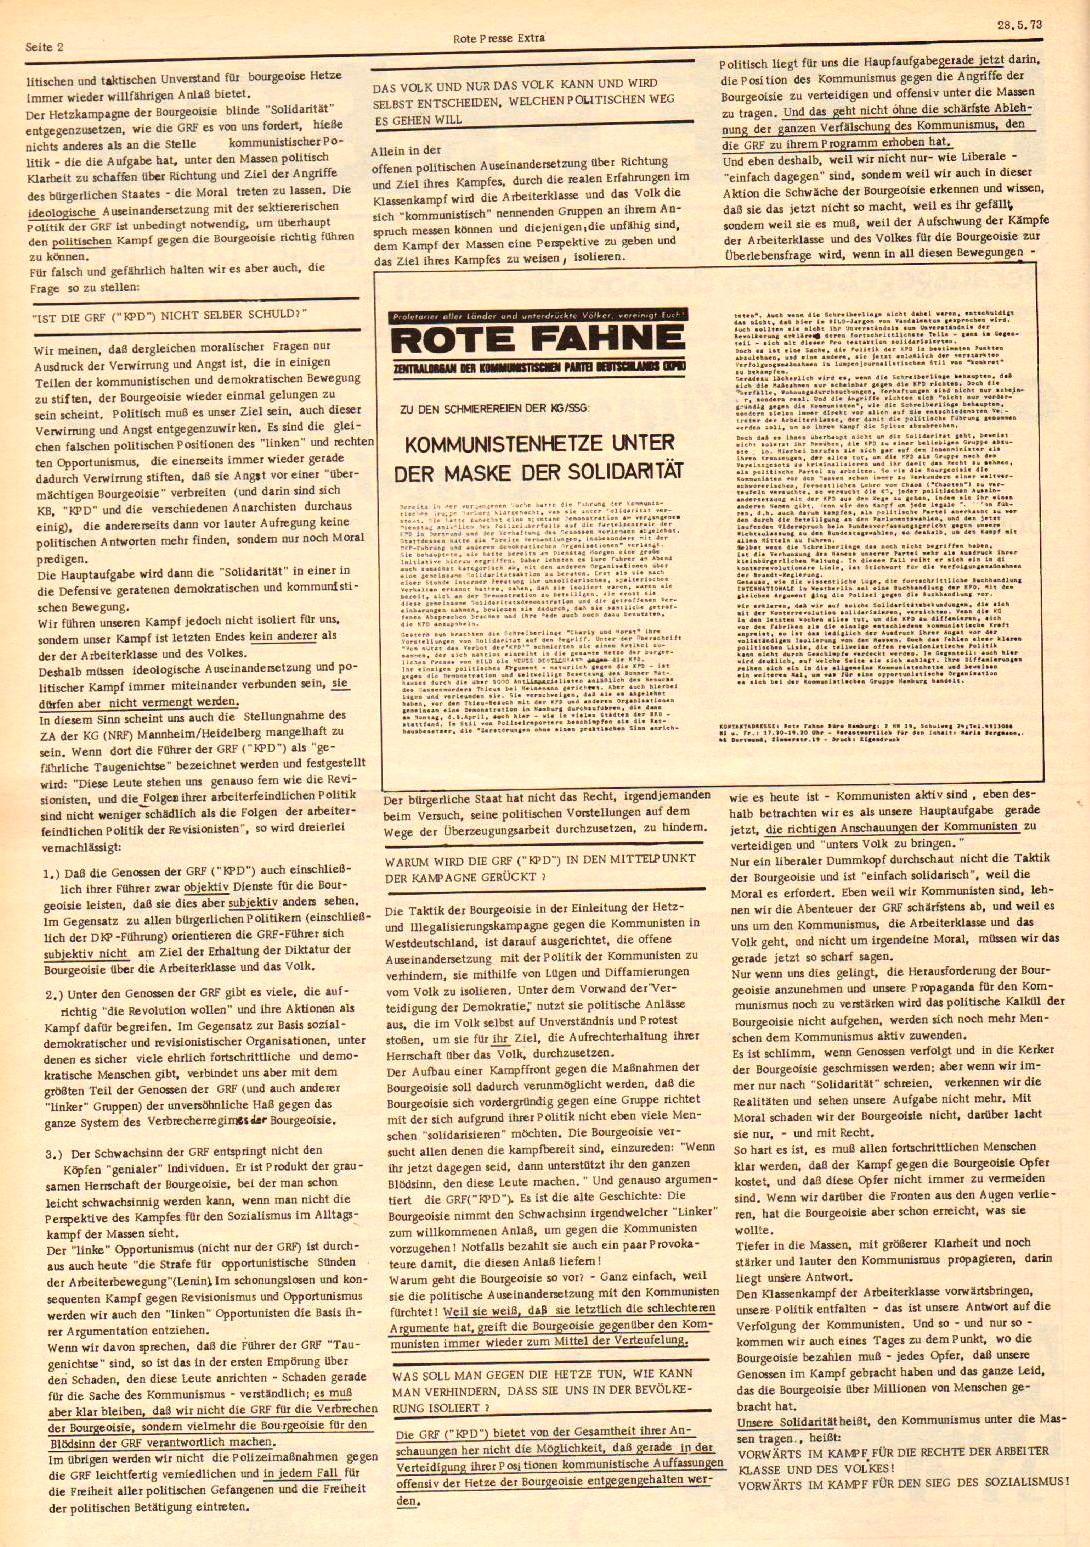 Hamburg_Rote_Presse193